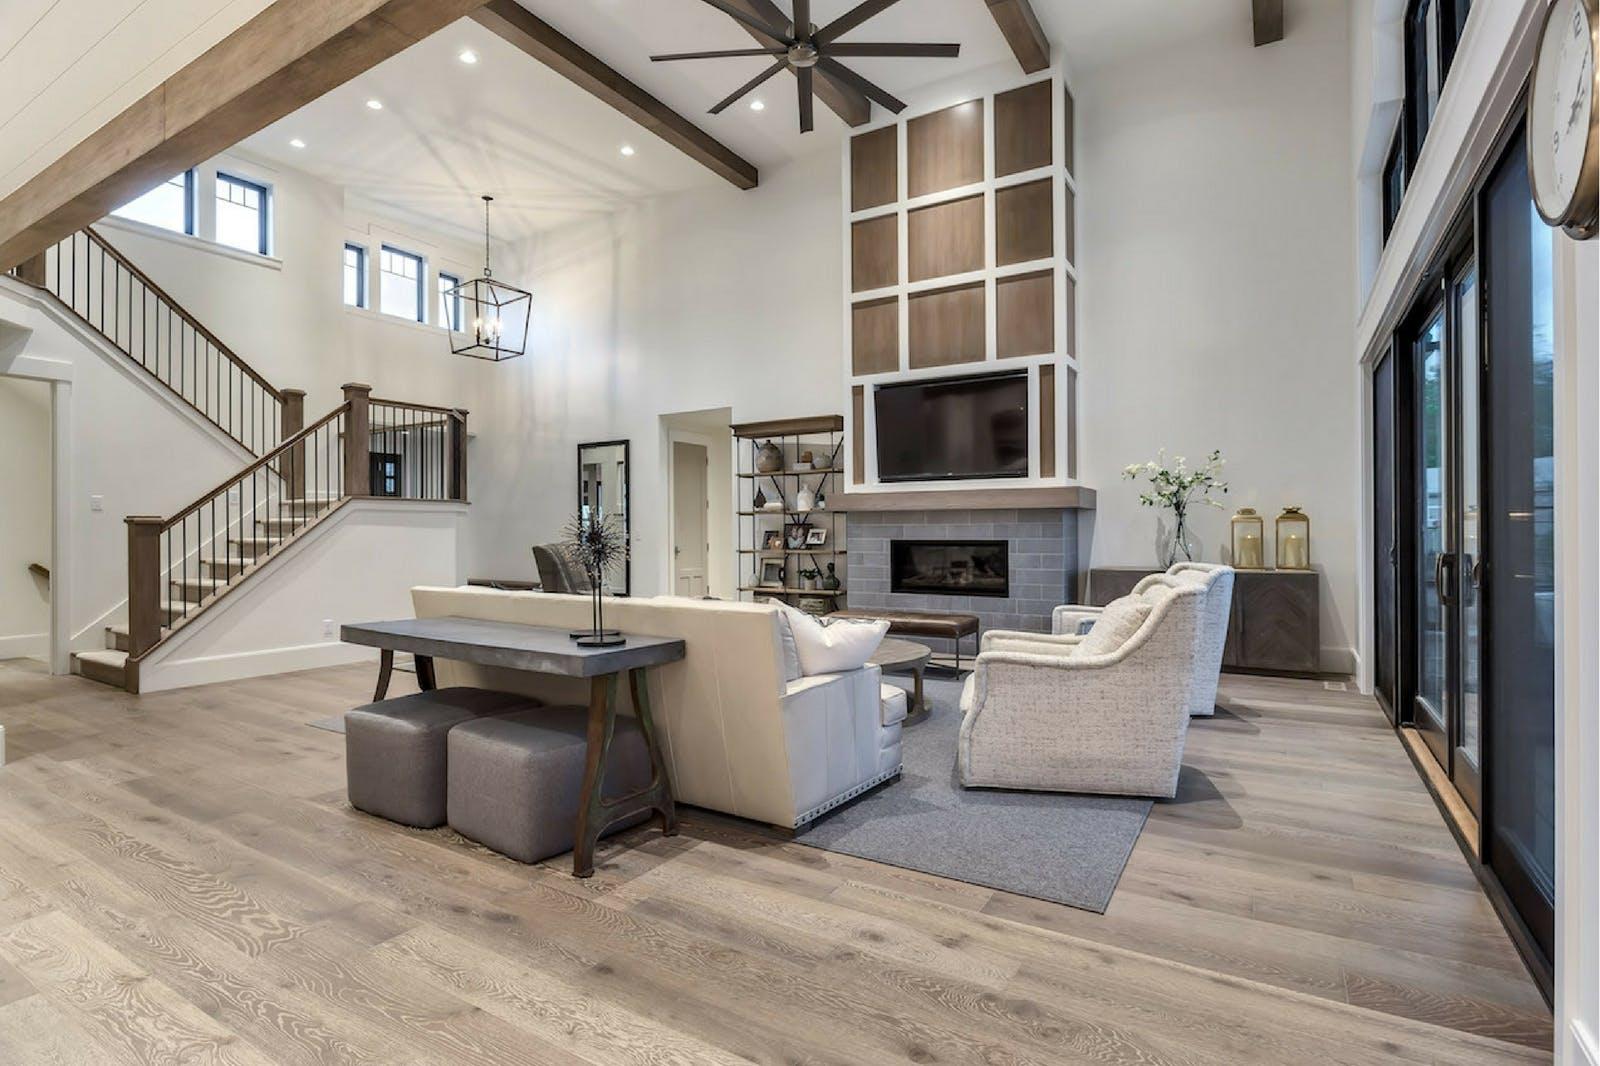 Blog | Osmond Designs | Orem, UT, Utah, 84057, Utah County